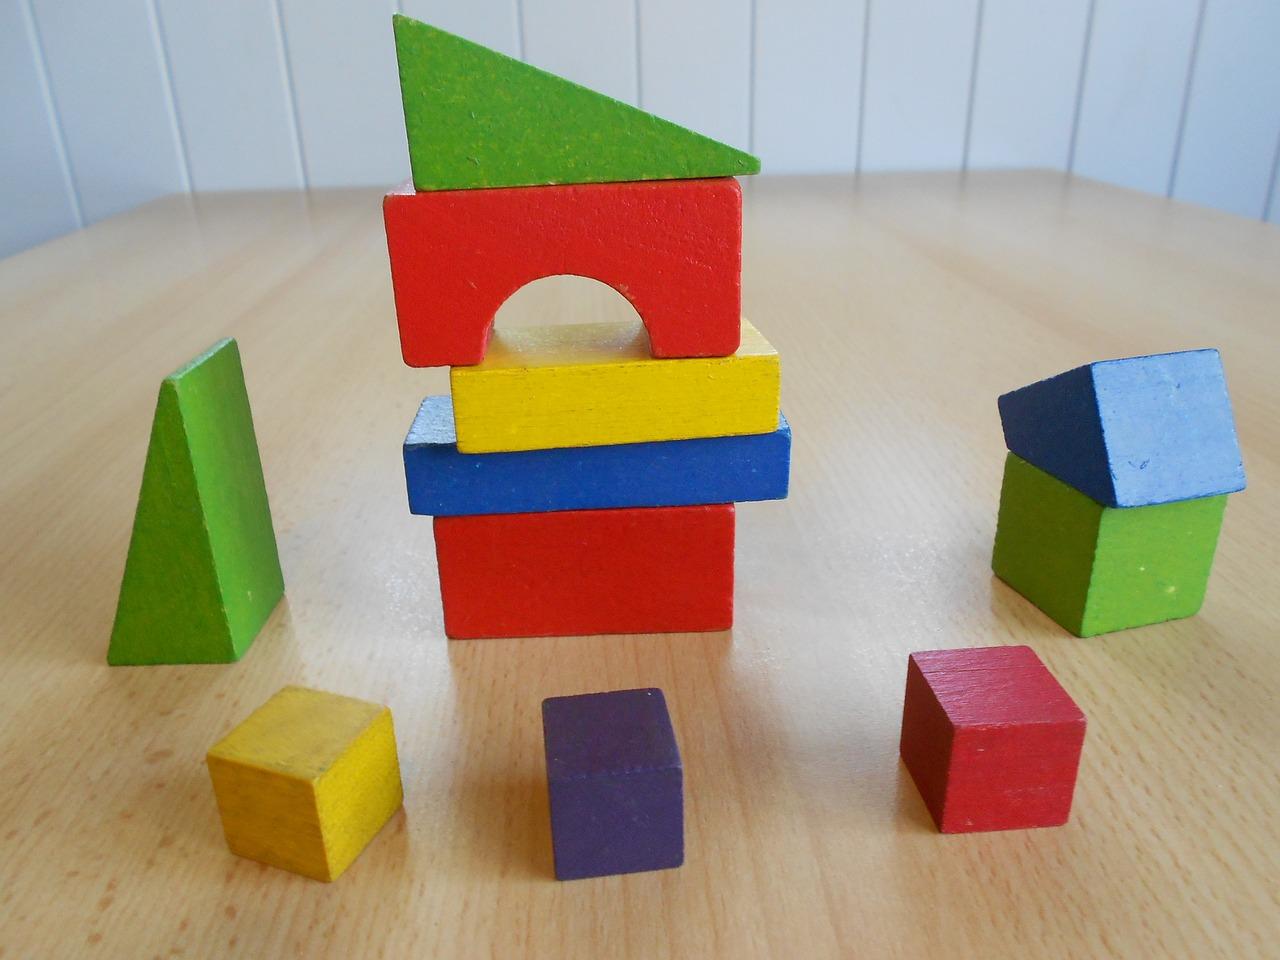 blokken, kinderspeelgoed